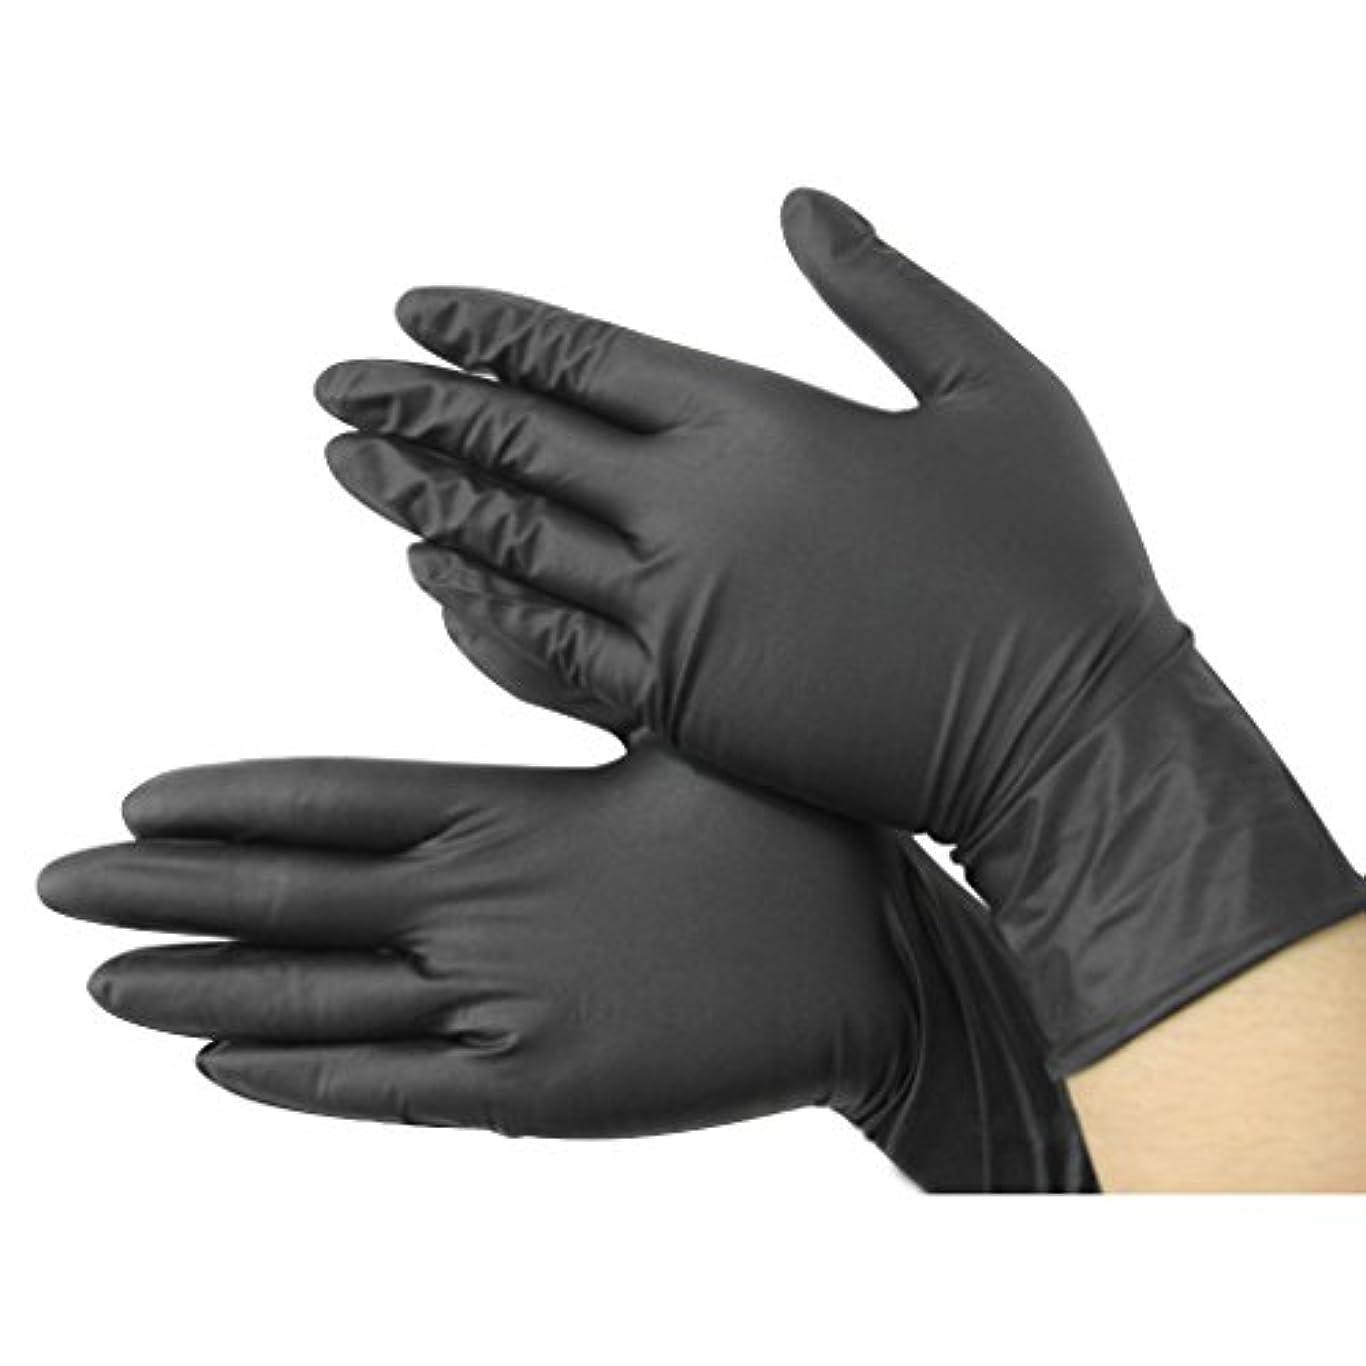 ポテトオーナメントジャンピングジャックGaoominy 黒いニトリル使い捨てクール手袋 パワーフリーX100 - 入れ墨 - メカニック 新しい